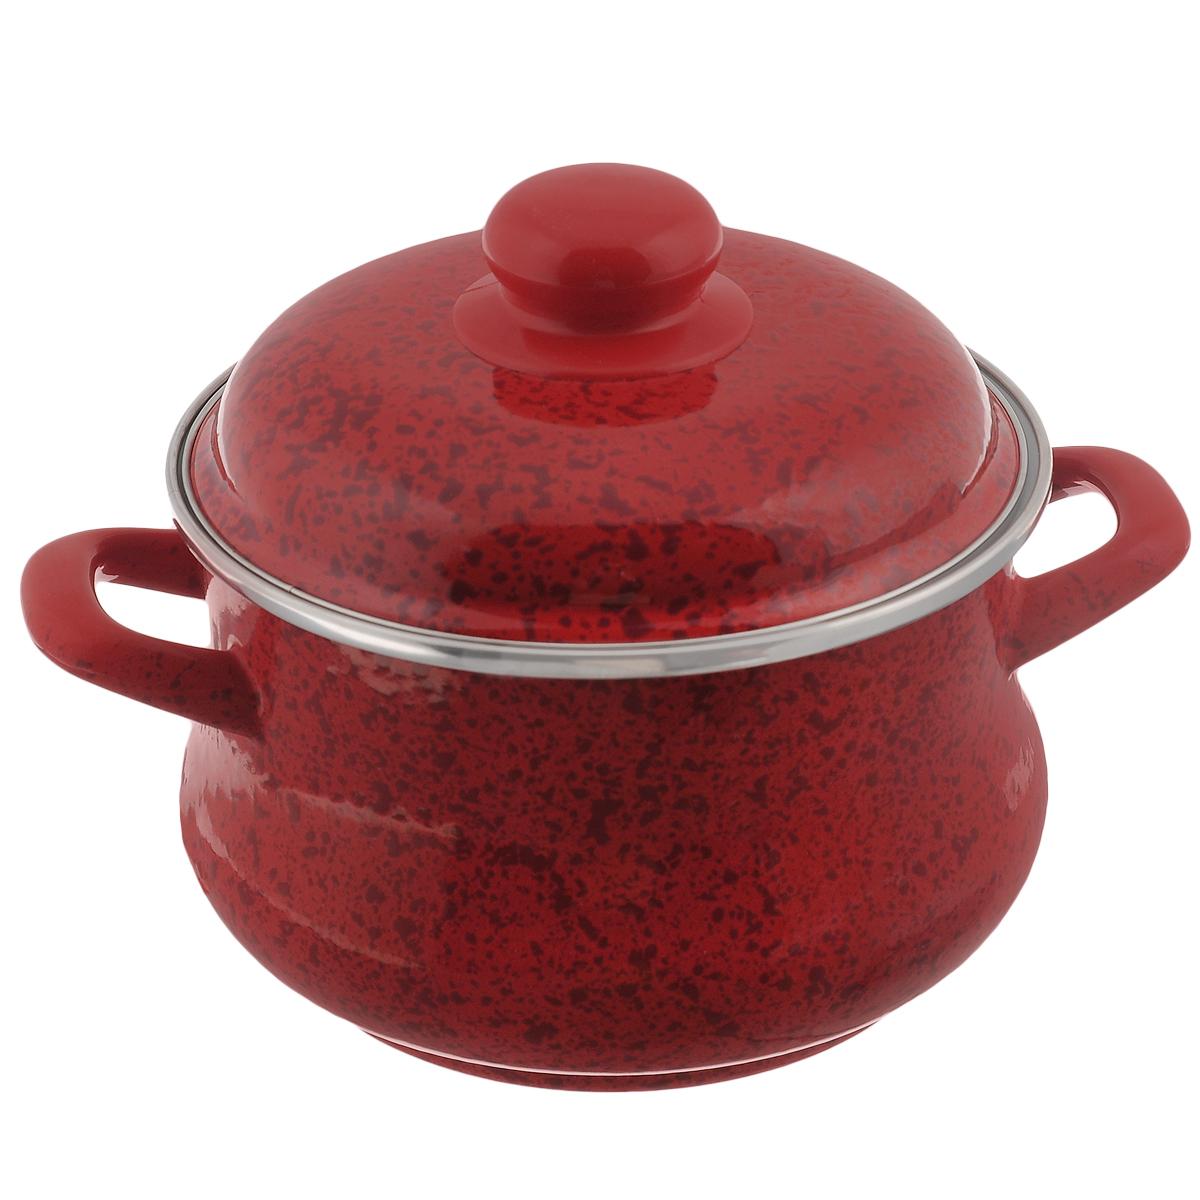 Кастрюля эмалированная Мetrot Рубин, с крышкой, цвет: красный, 2 л82874Кастрюля Мetrot Рубин оригинальной формы Эмина, с расширенными стенками внизу, изготовлена из стали с красным эмалированным покрытием. Внешние стенки оформлены деколью под рубиновый камень. Эмаль инертна и устойчива к пищевым кислотам, не вступает во взаимодействие с продуктами и не искажает их вкусовые качества. Эмалевое покрытие, являясь стекольной массой, не вызывает аллергию и надежно защищает пищу от контакта с металлом. Кроме того, такое покрытие долговечно, оно устойчиво к механическому воздействию, не царапается и не сходит, а стальная основа практически не подвержена механической деформации, благодаря чему срок эксплуатации увеличивается. Кастрюля оснащена двумя удобными ручками и крышкой из стали. Крышка с ободом плотно прилегает к краю кастрюли, предотвращая проливание жидкости и сохраняя аромат блюд. Изделие подходит для всех типов плит, включая индукционные. Можно мыть в посудомоечной машине. Кастрюля Мetrot Рубин - это идеальный подарок...